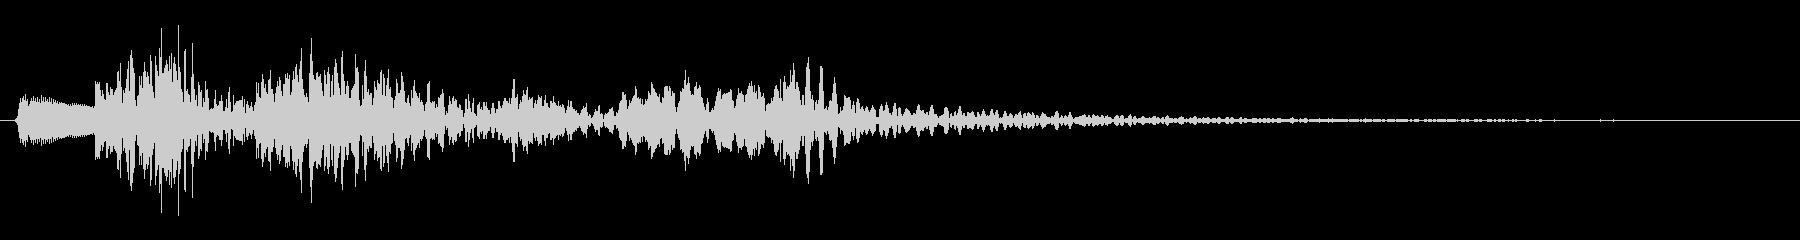 チャランタラン(楽器系)の未再生の波形